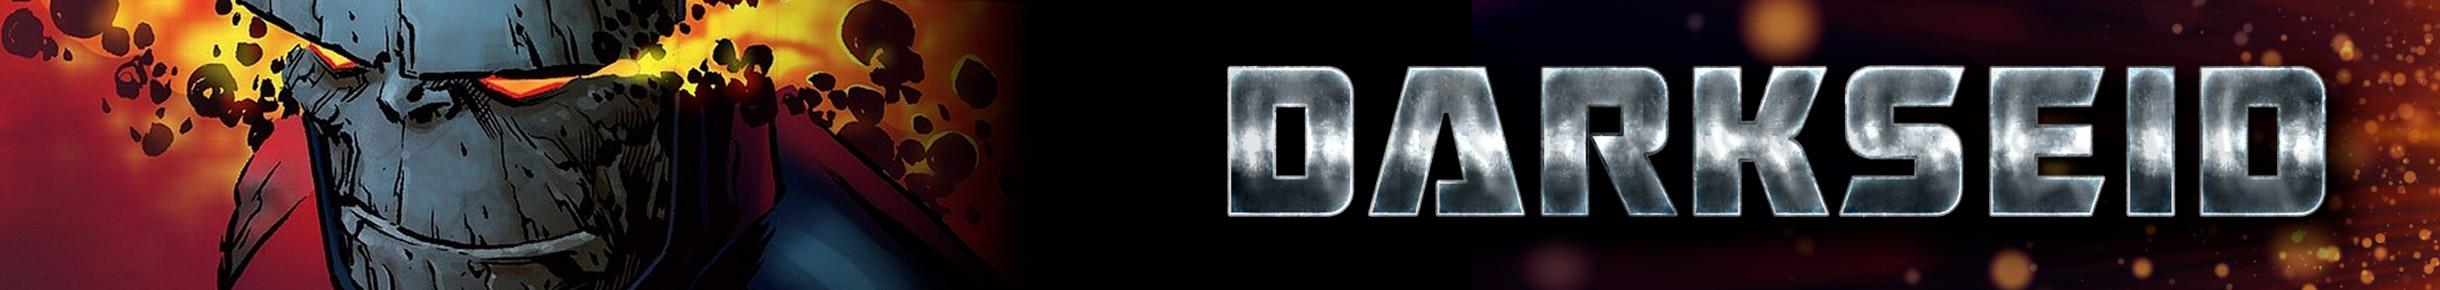 Darkseid Merchandise Banner